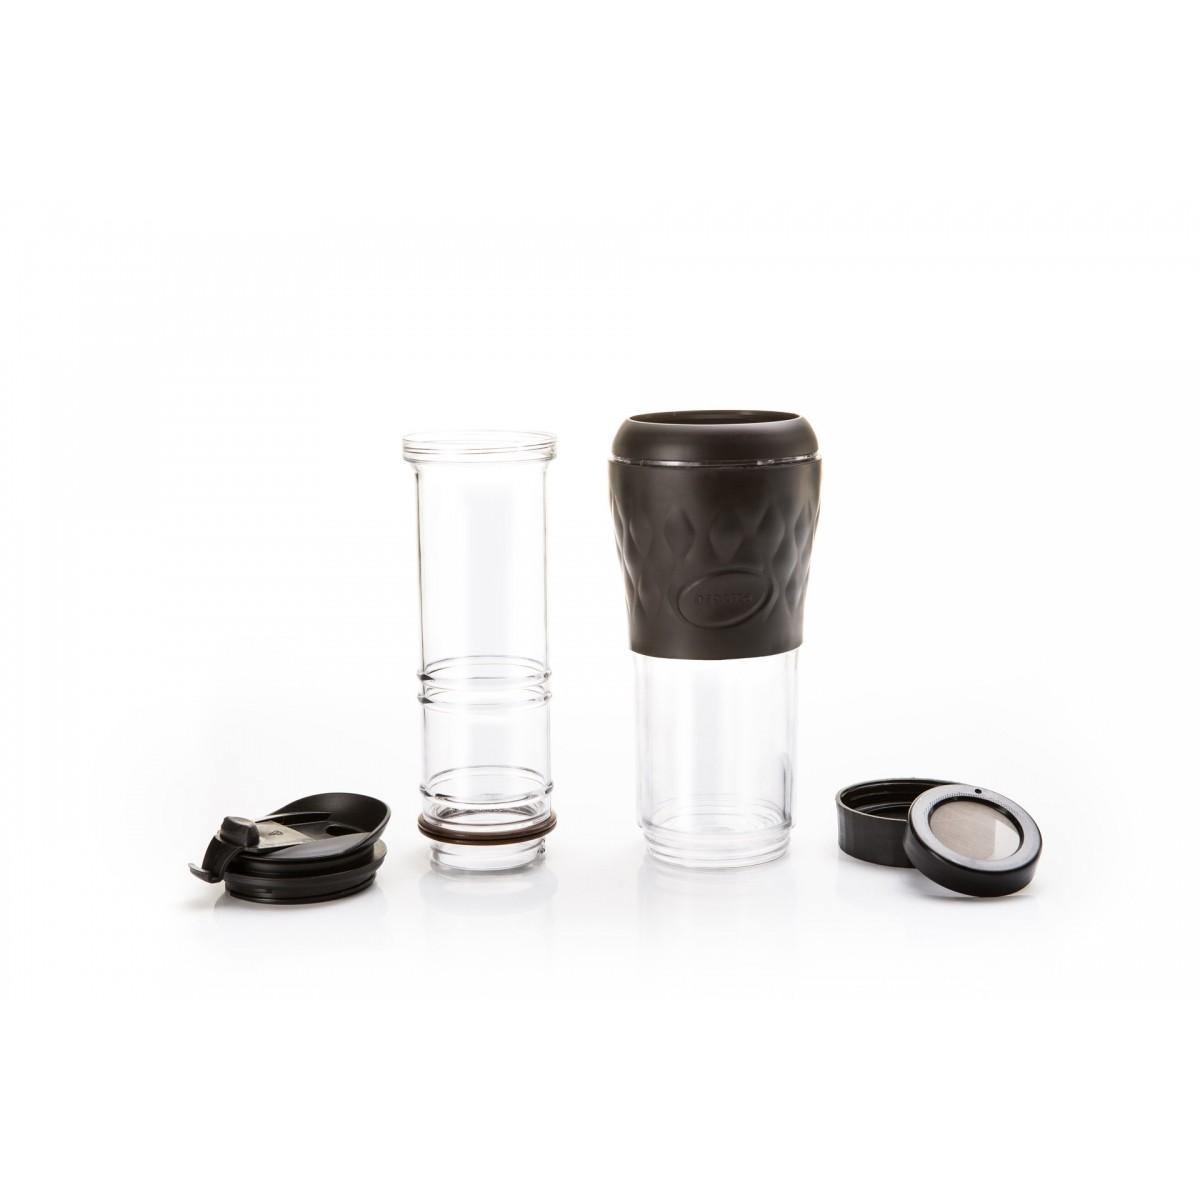 Cafeteira e infuseira para chás - PRESSCA